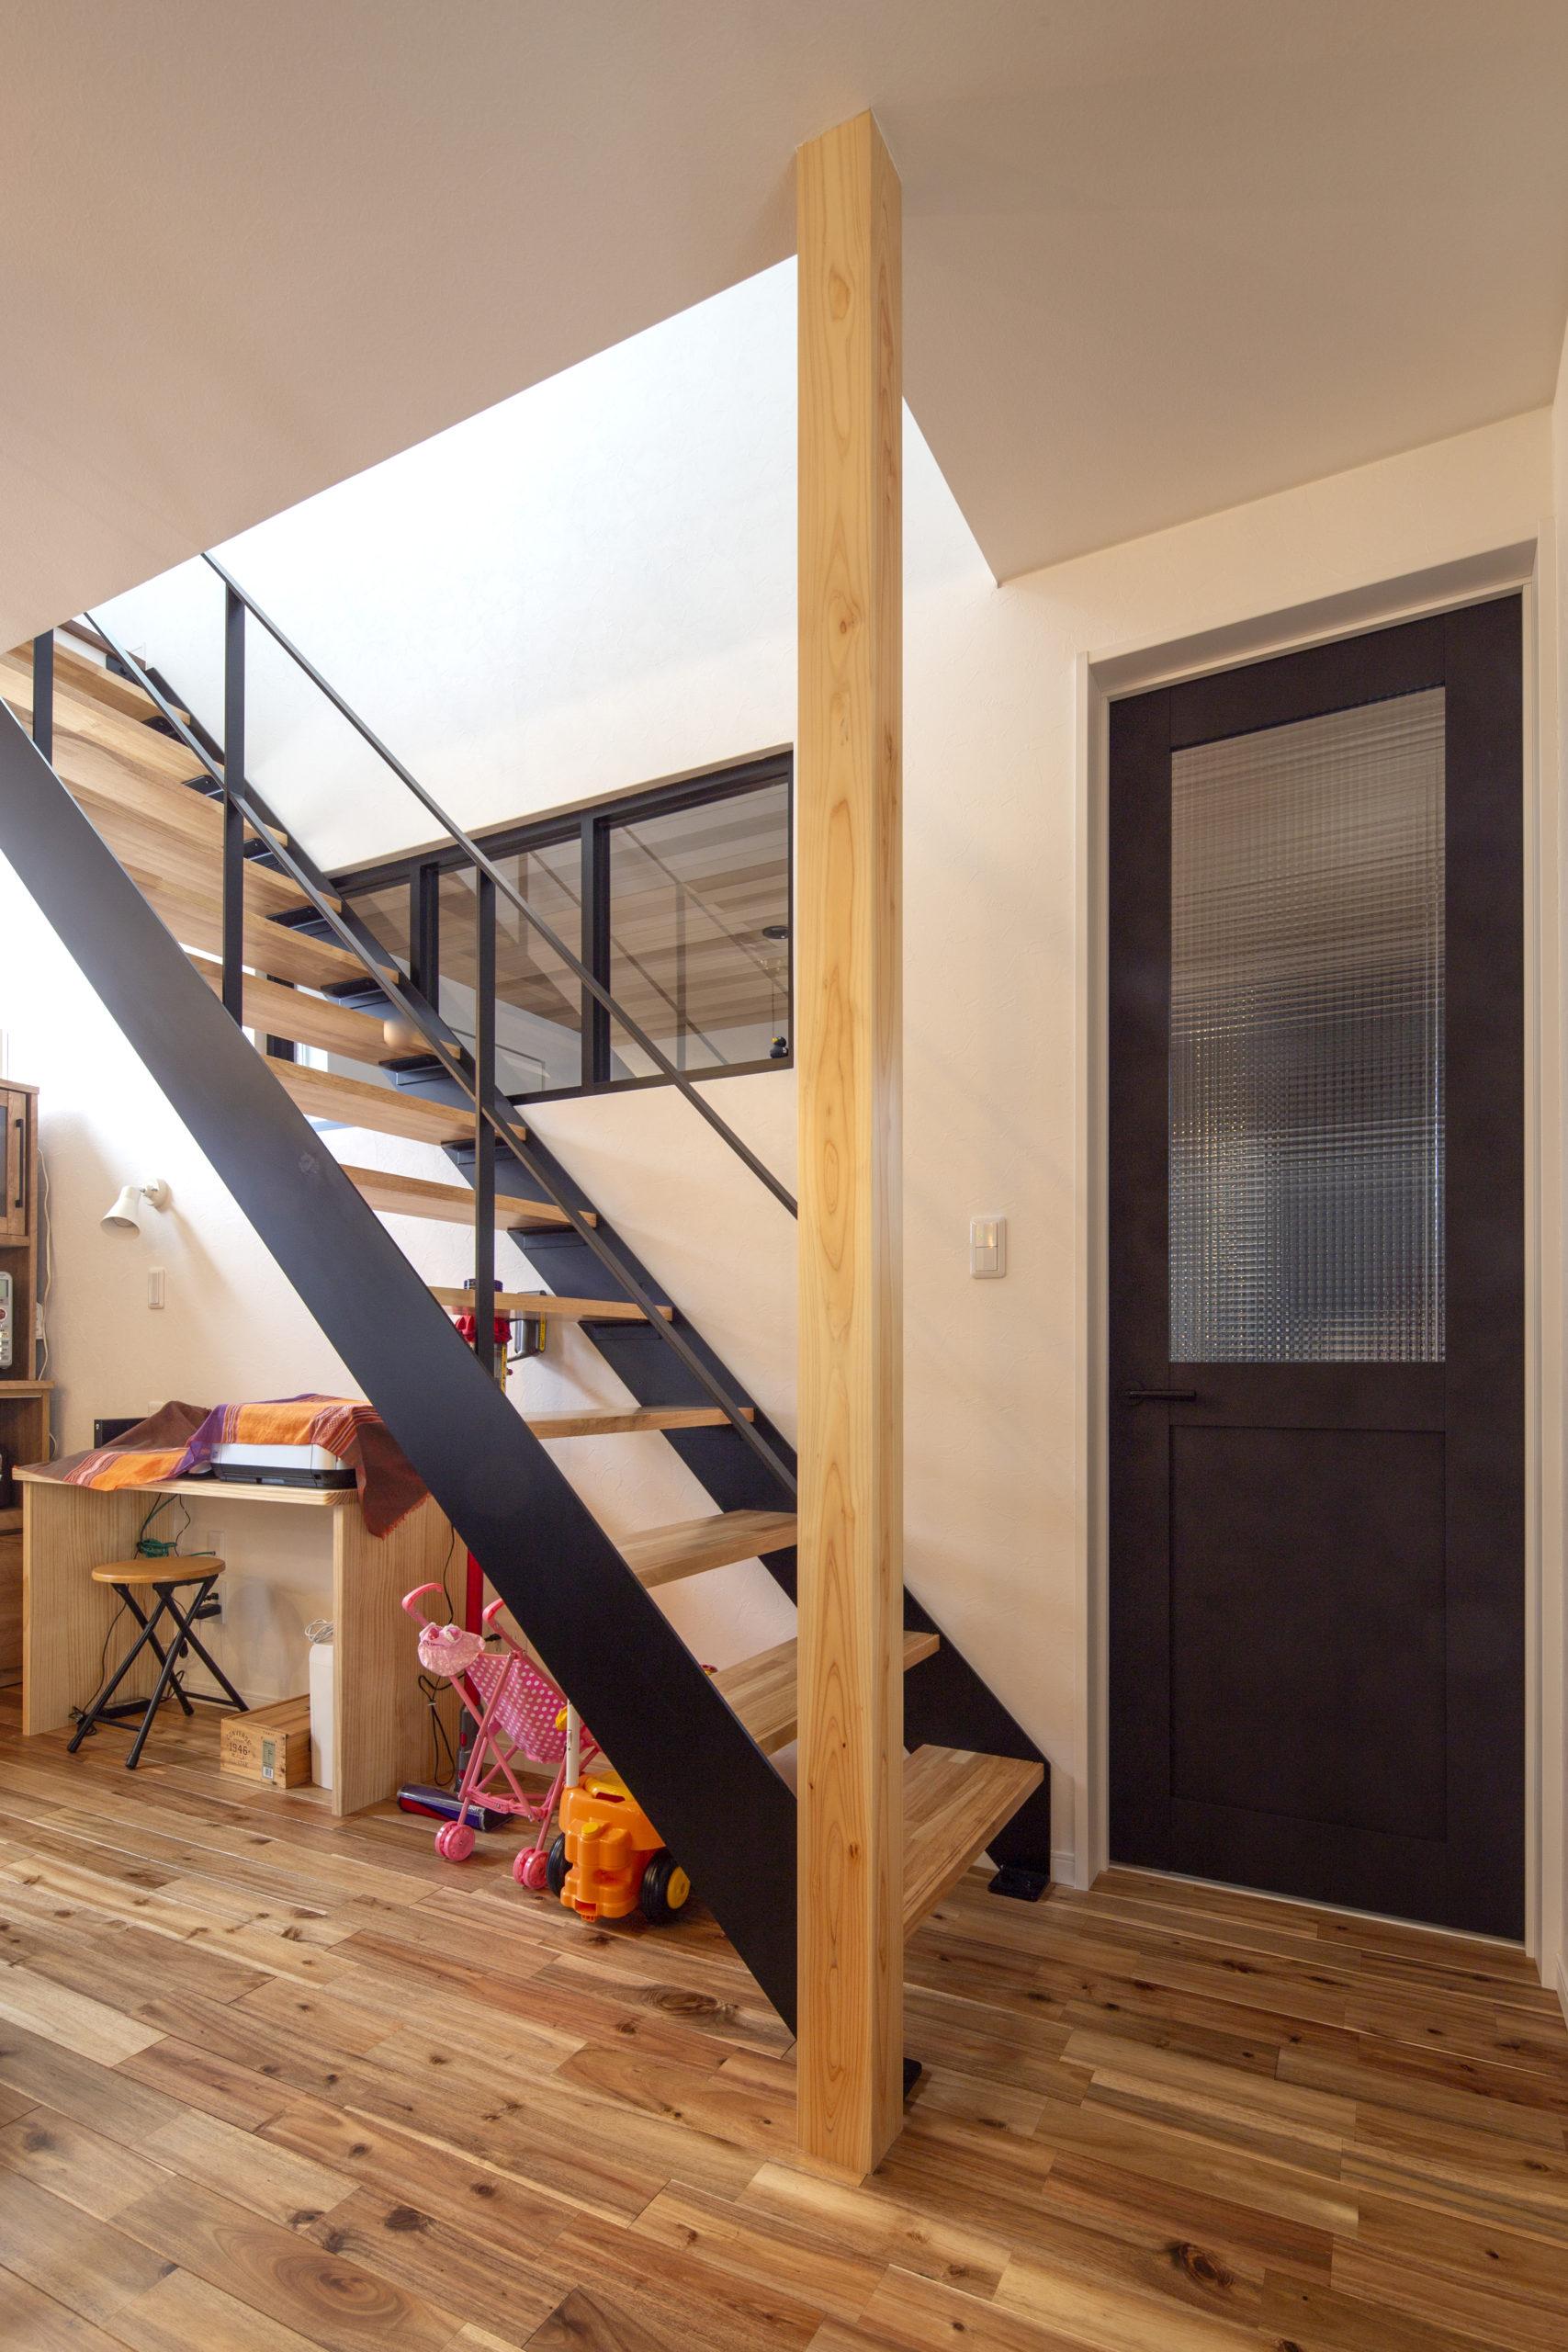 福山市の注文住宅|今井住建の施工事例ギャラリー「玄関の人の気配を感じられるLDK」